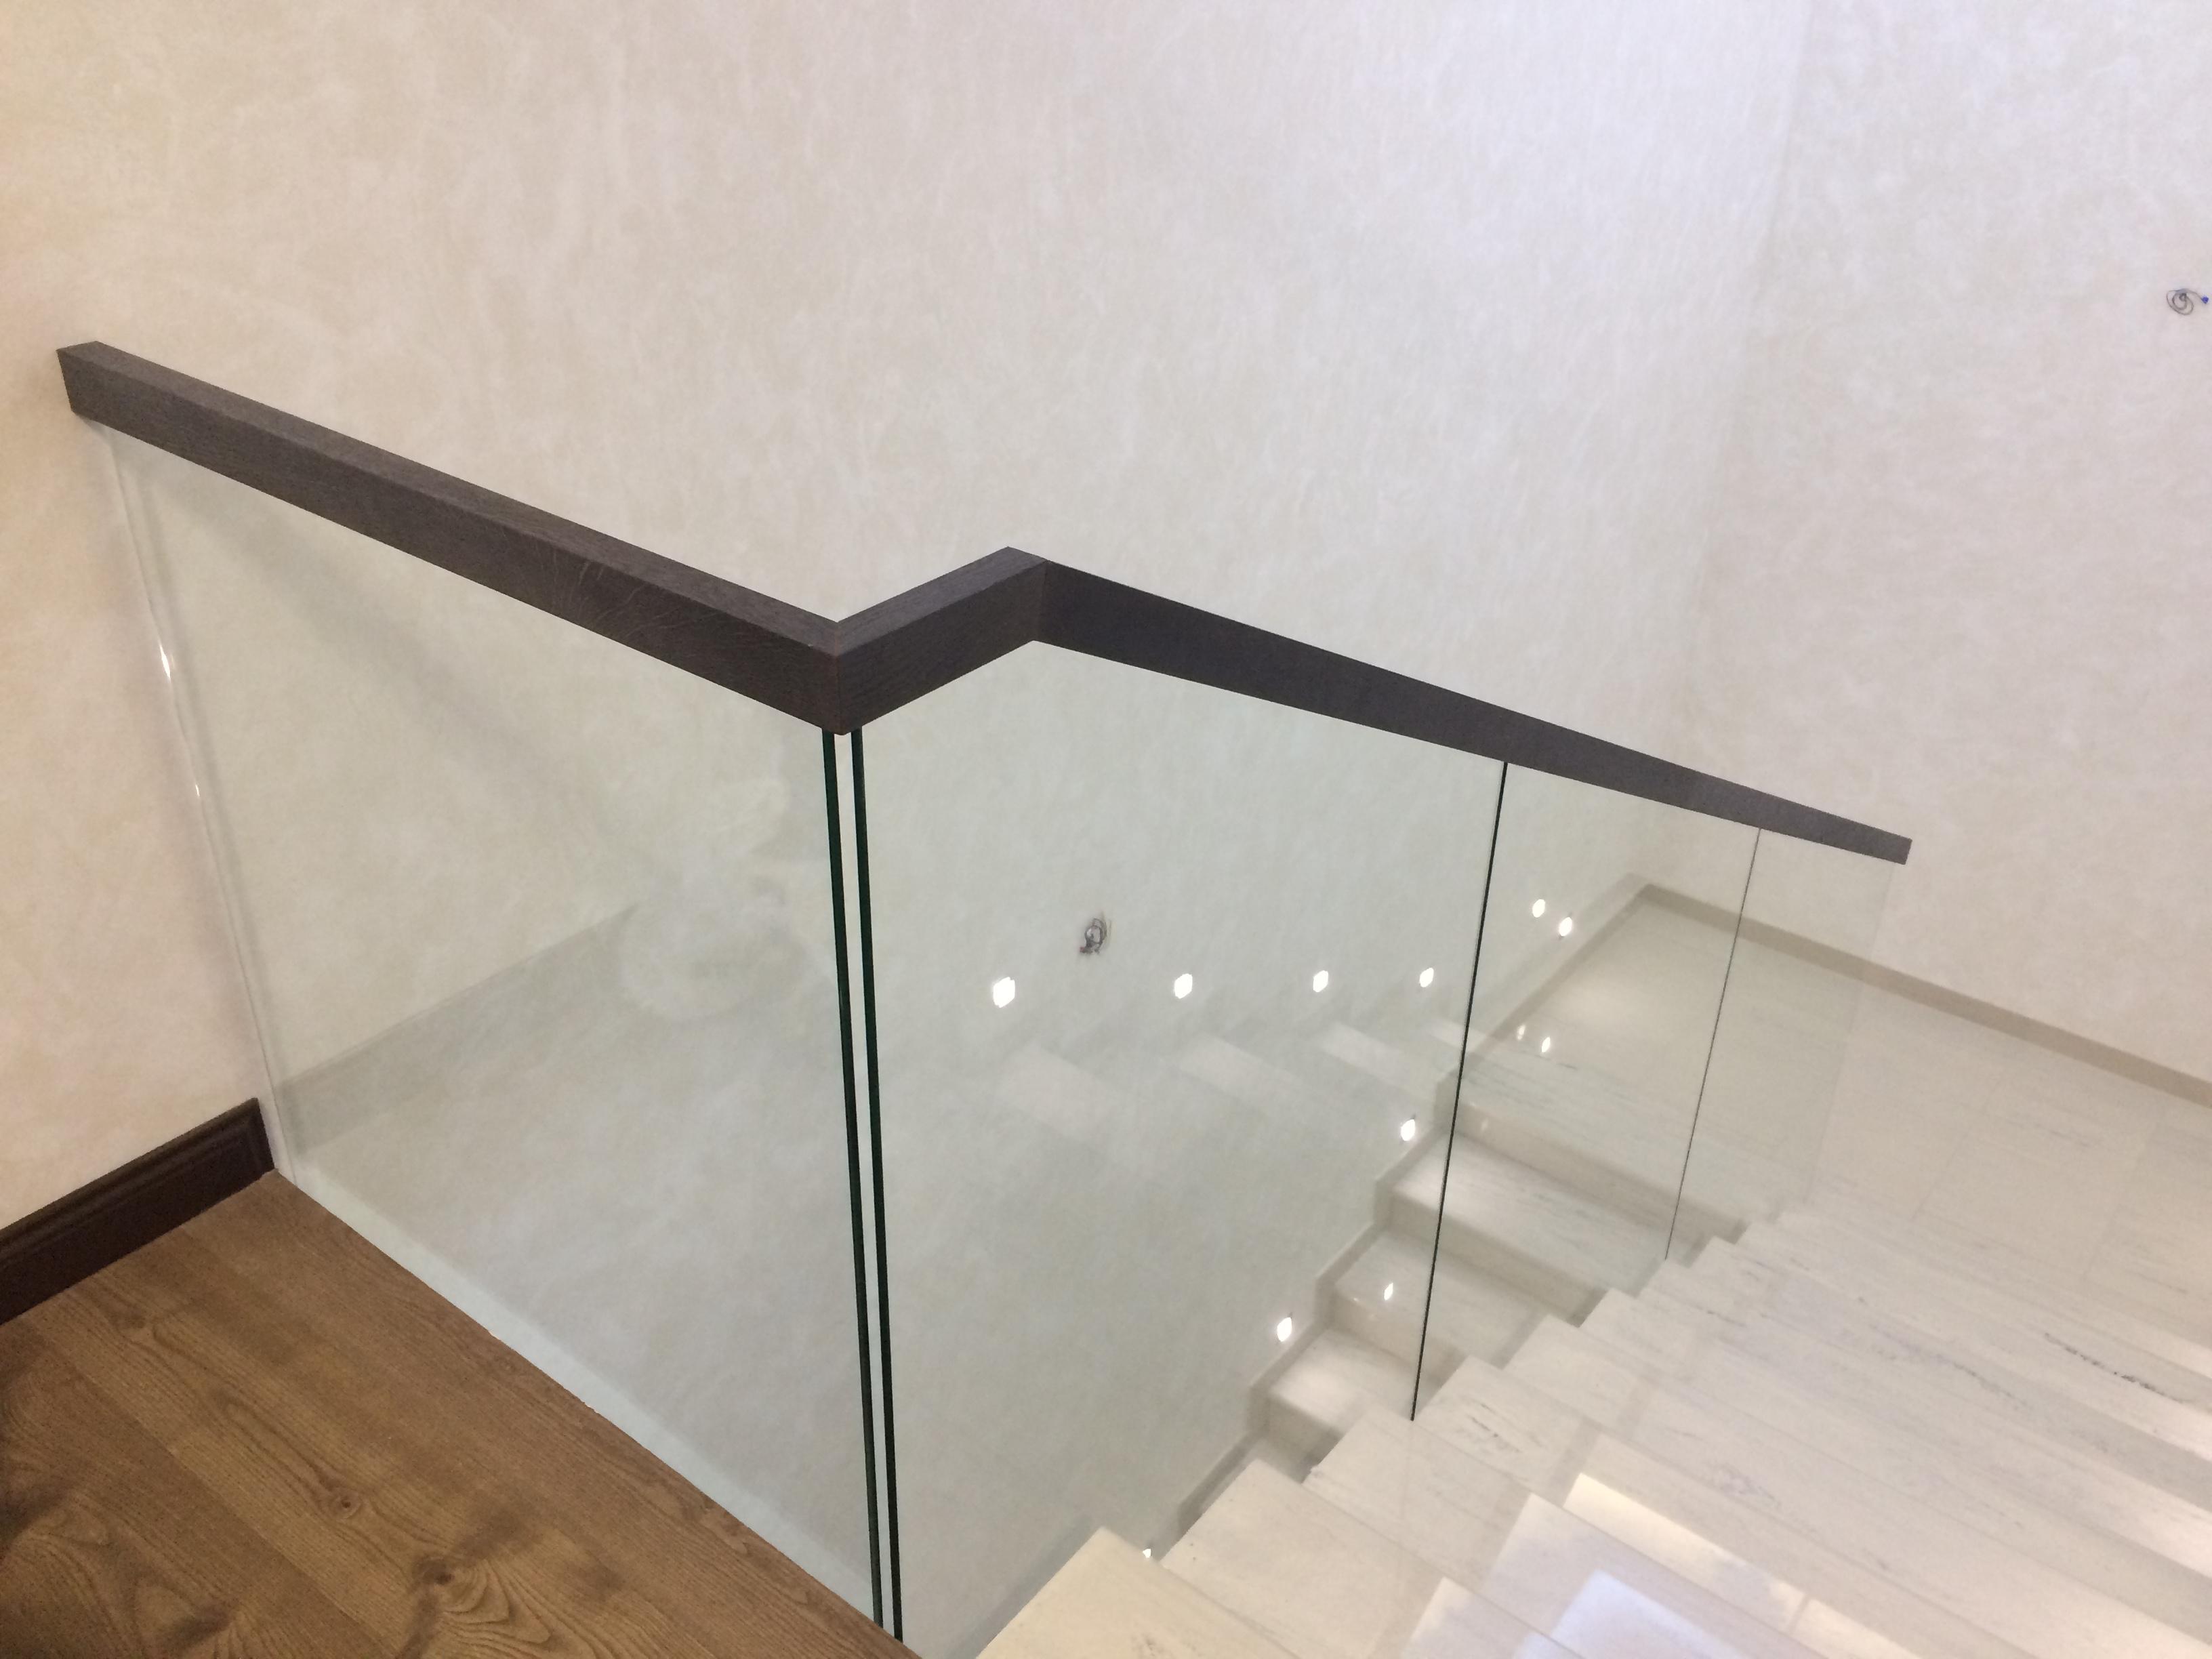 Ограждения и перила для лестниц из стекла